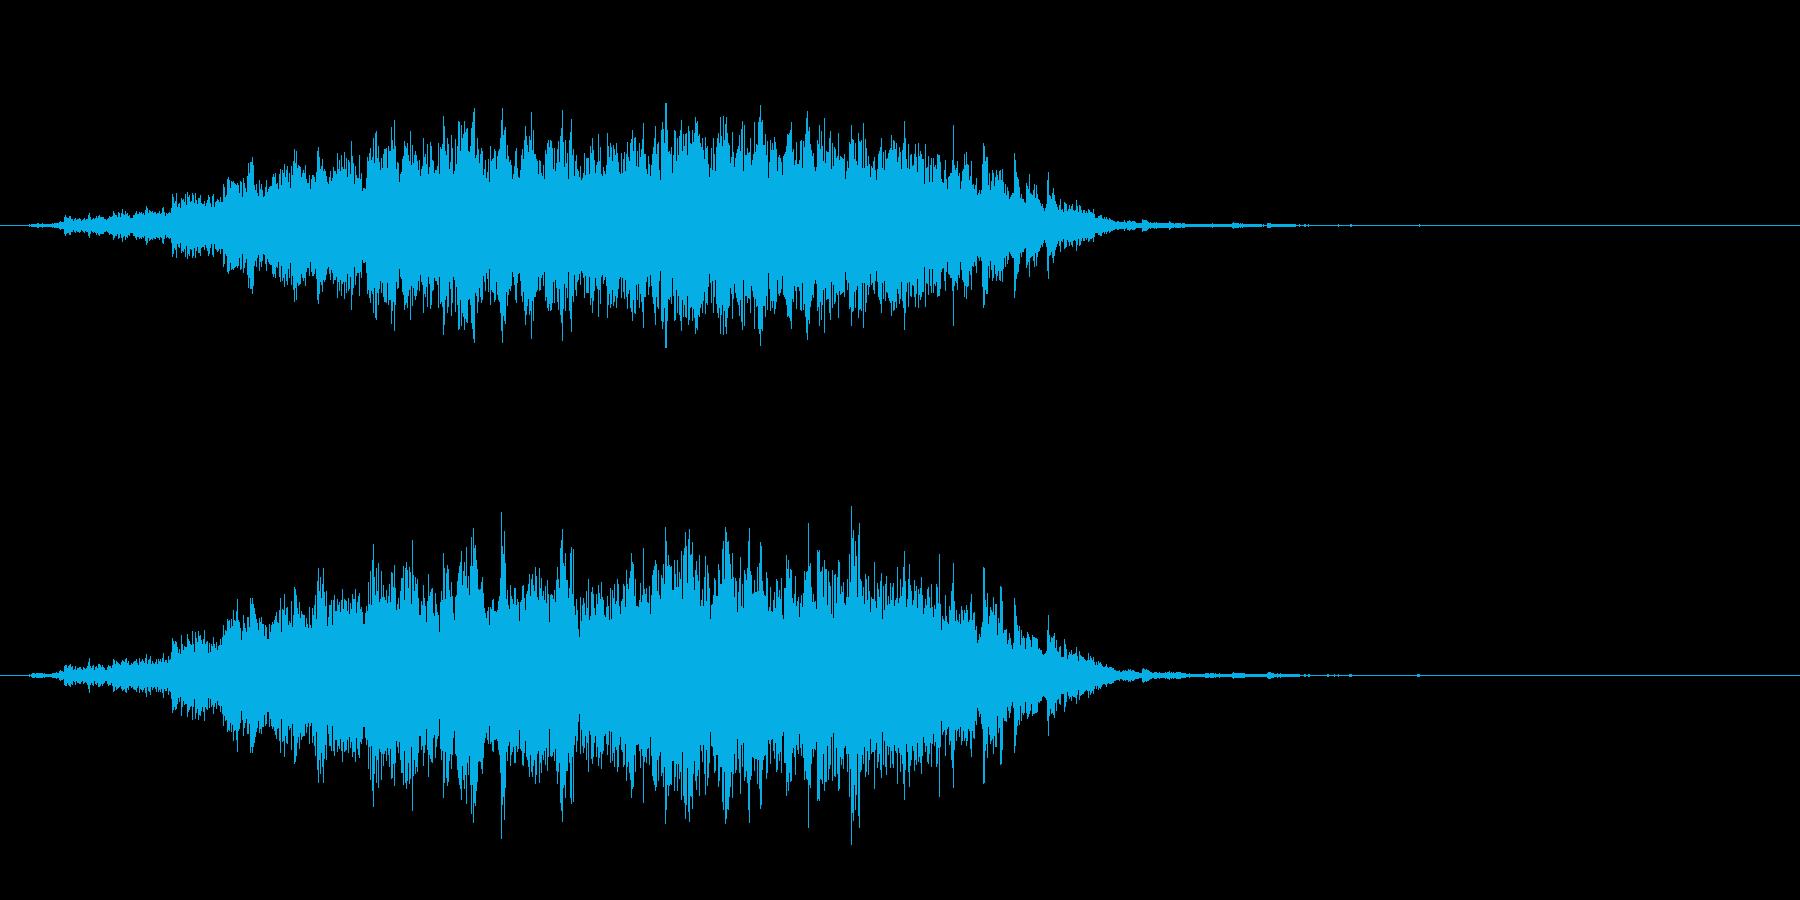 重めの鈴の音「えきろ」のフレーズ音2の再生済みの波形